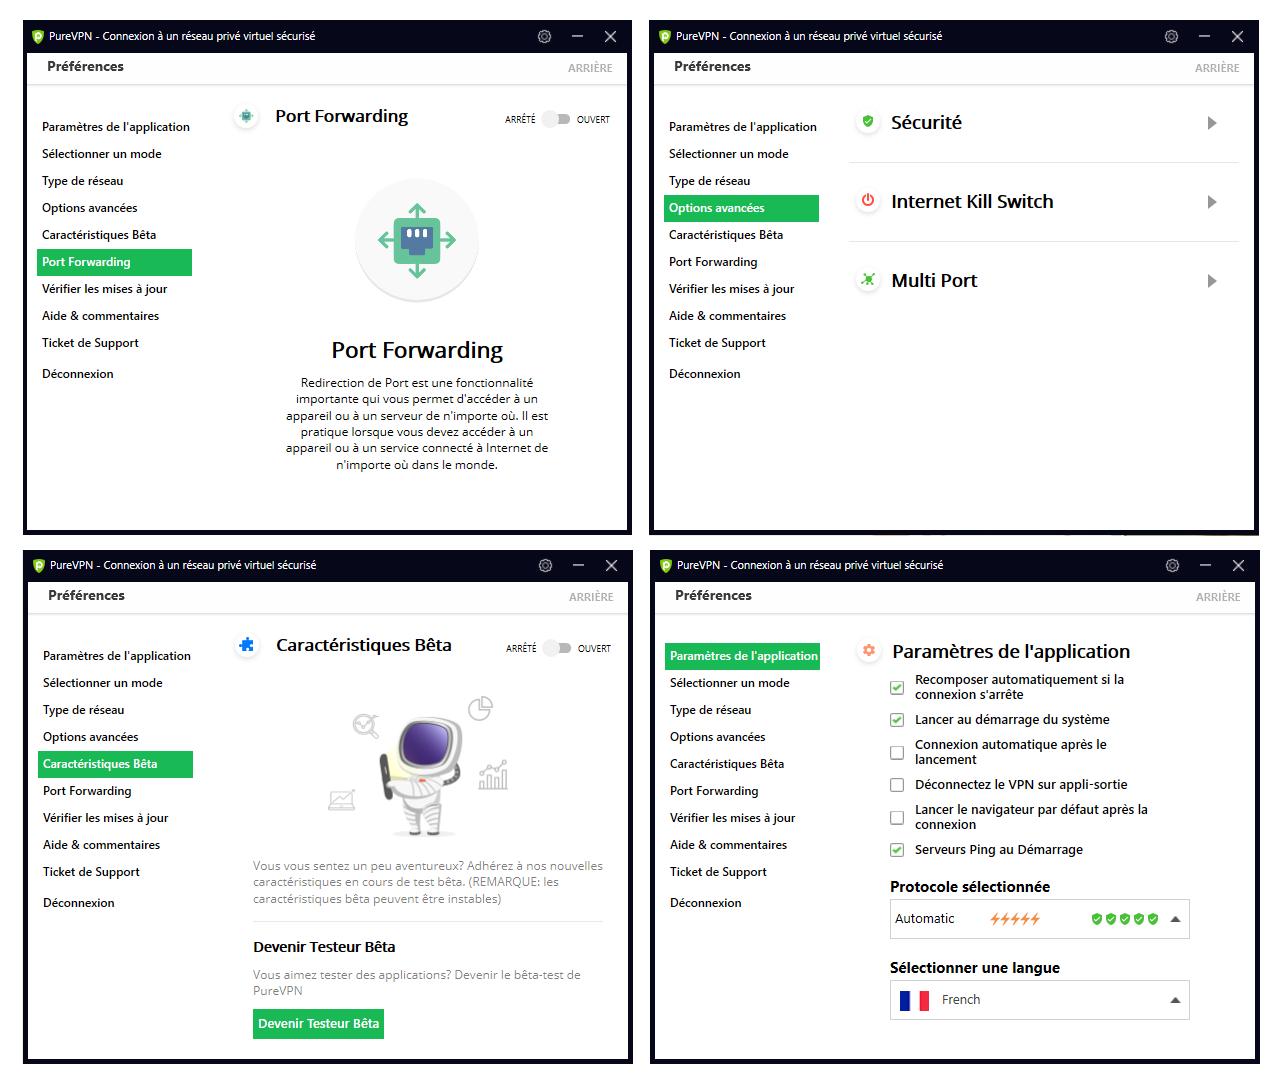 Illustrations VPN pour les nuls : Aperçu de certains paramètres de PureVPN